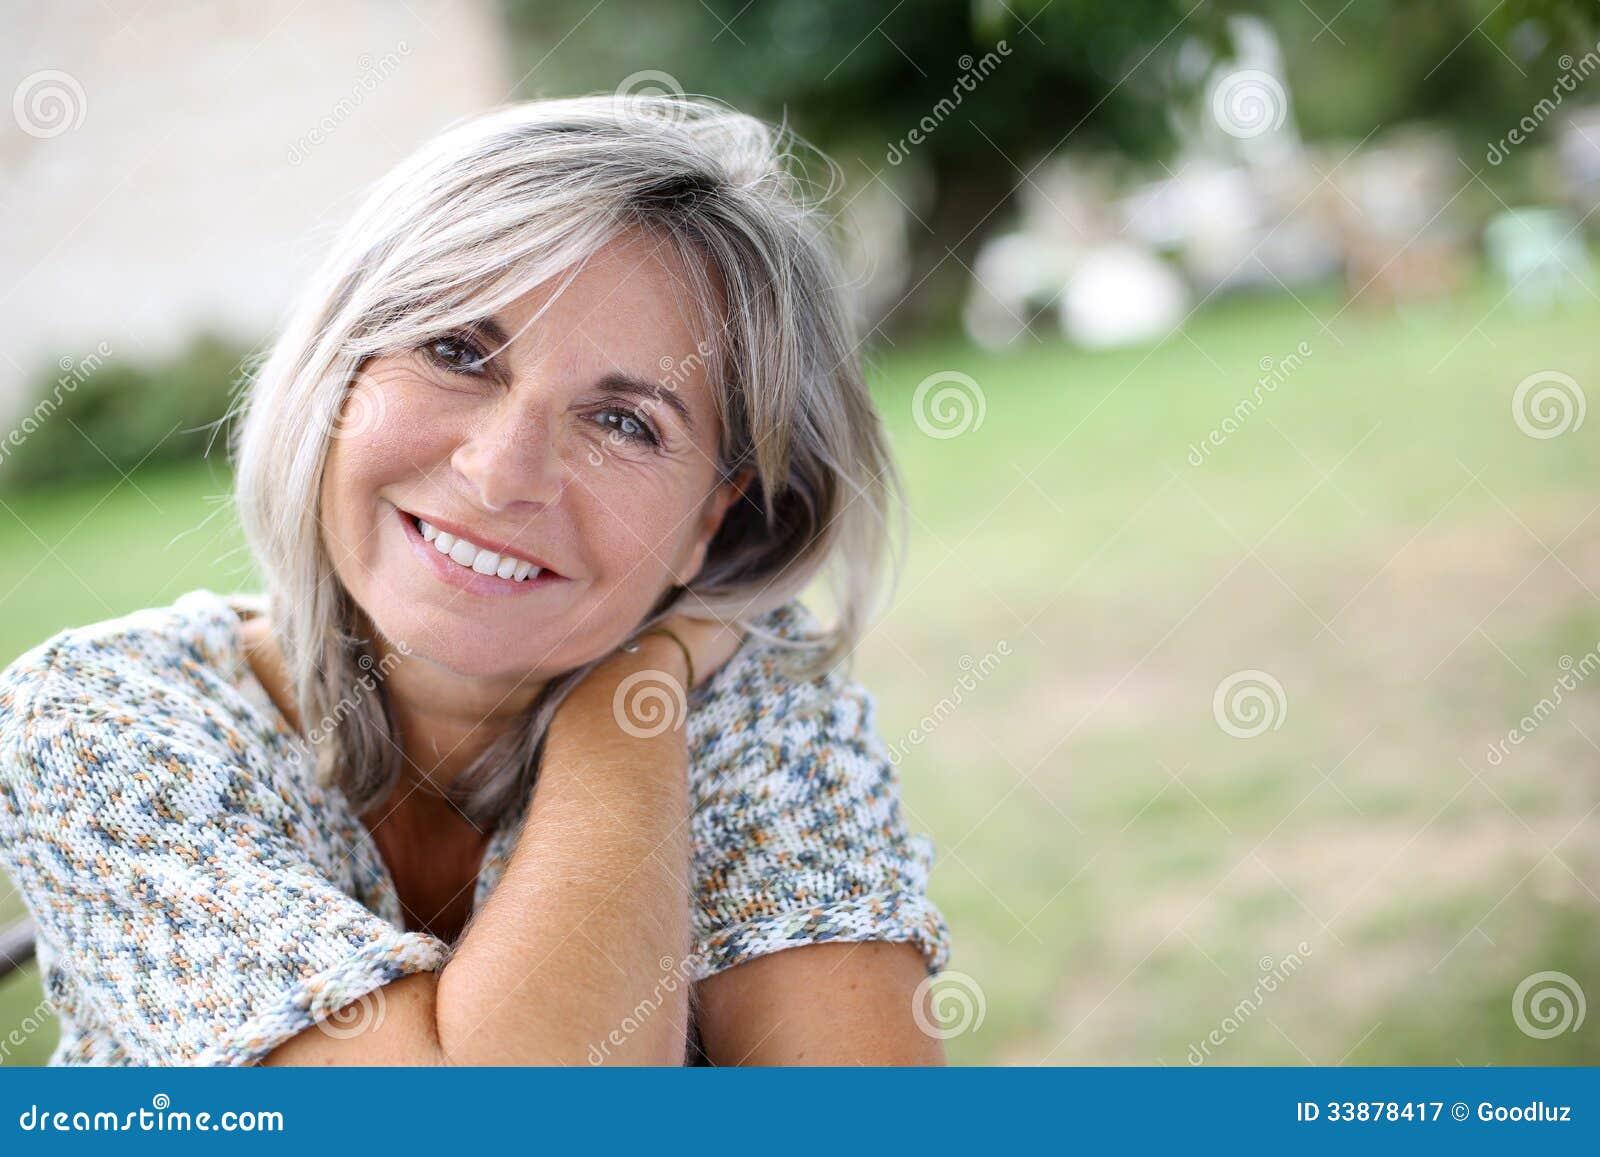 Reife Frau Mit Einem Ruhigen Blick, Der Im Garten Sitzt